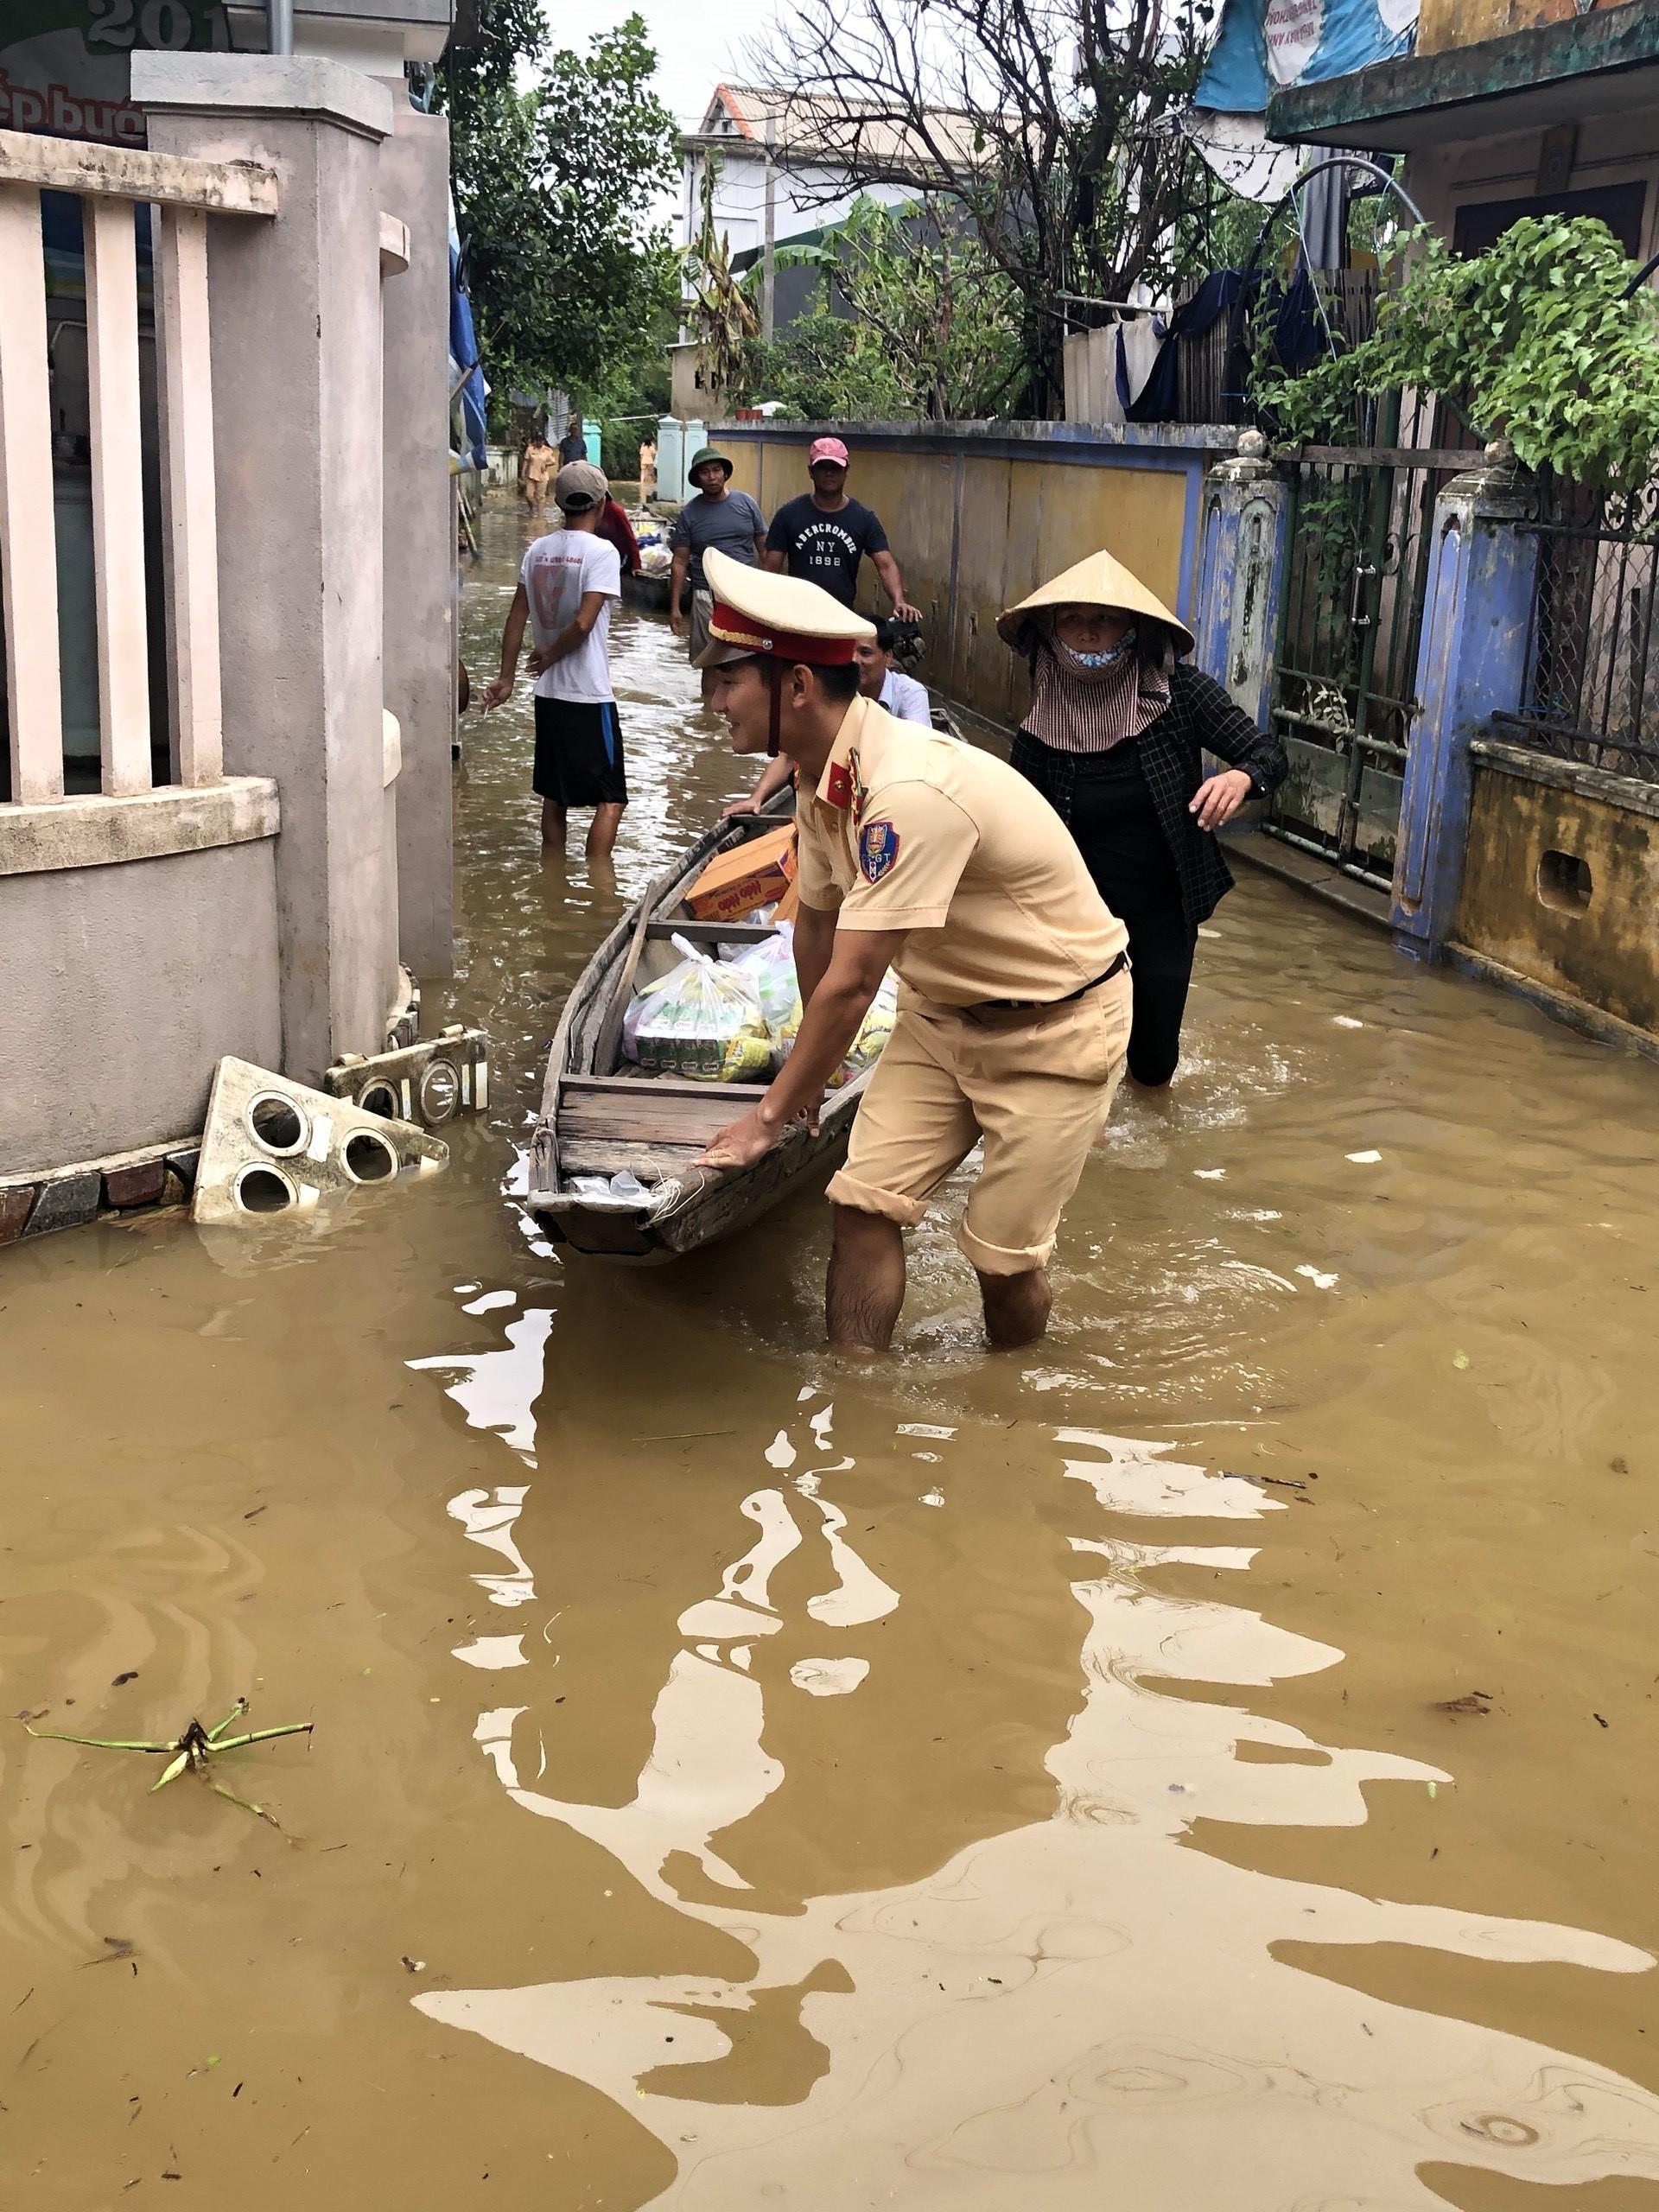 Công an Thừa Thiên - Huế vận chuyển lương thực hỗ trợ người dân vùng lũ. Ảnh: TTXVN phát